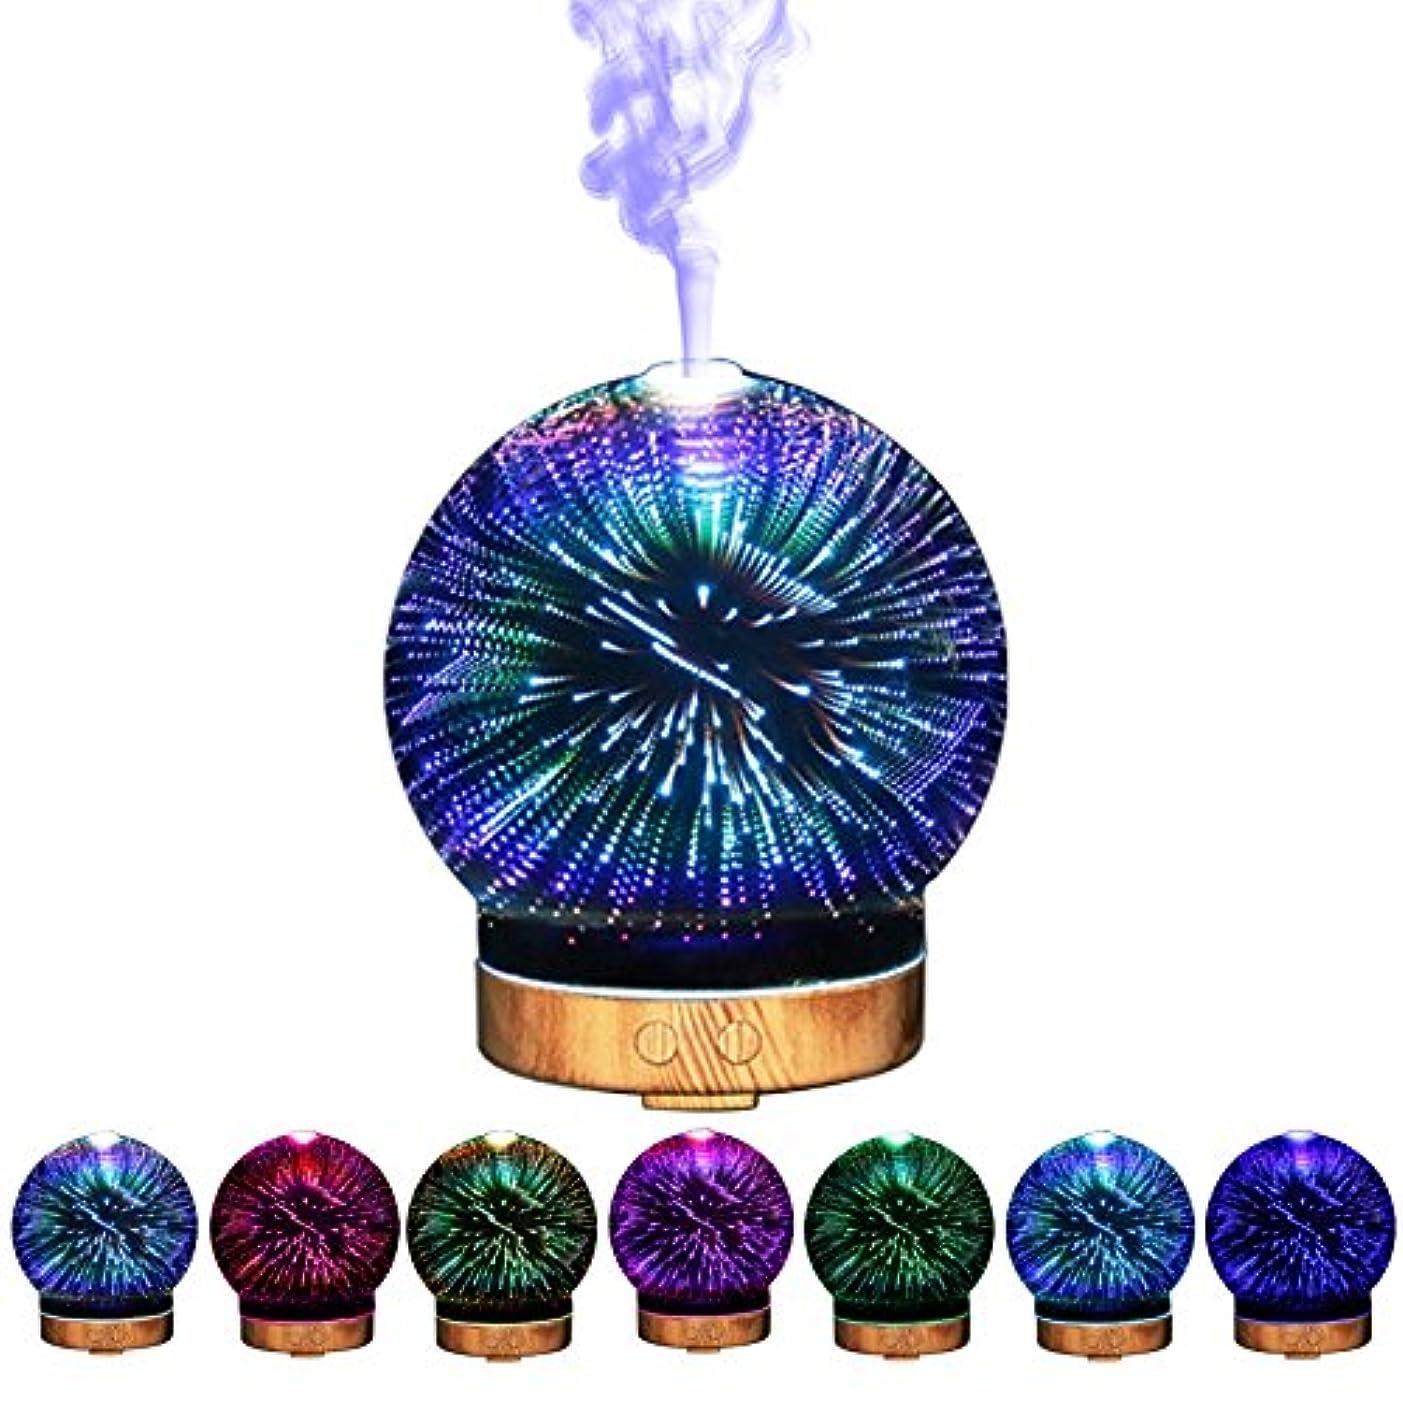 裏切る検出廃止3Dガラスエッセンシャルオイルディフューザー - 超音波アロマ香りディフューザー - クールミスト加湿器色の変更LED夜間照明 - アロマテラピーとオリーブのココナッツオイル用